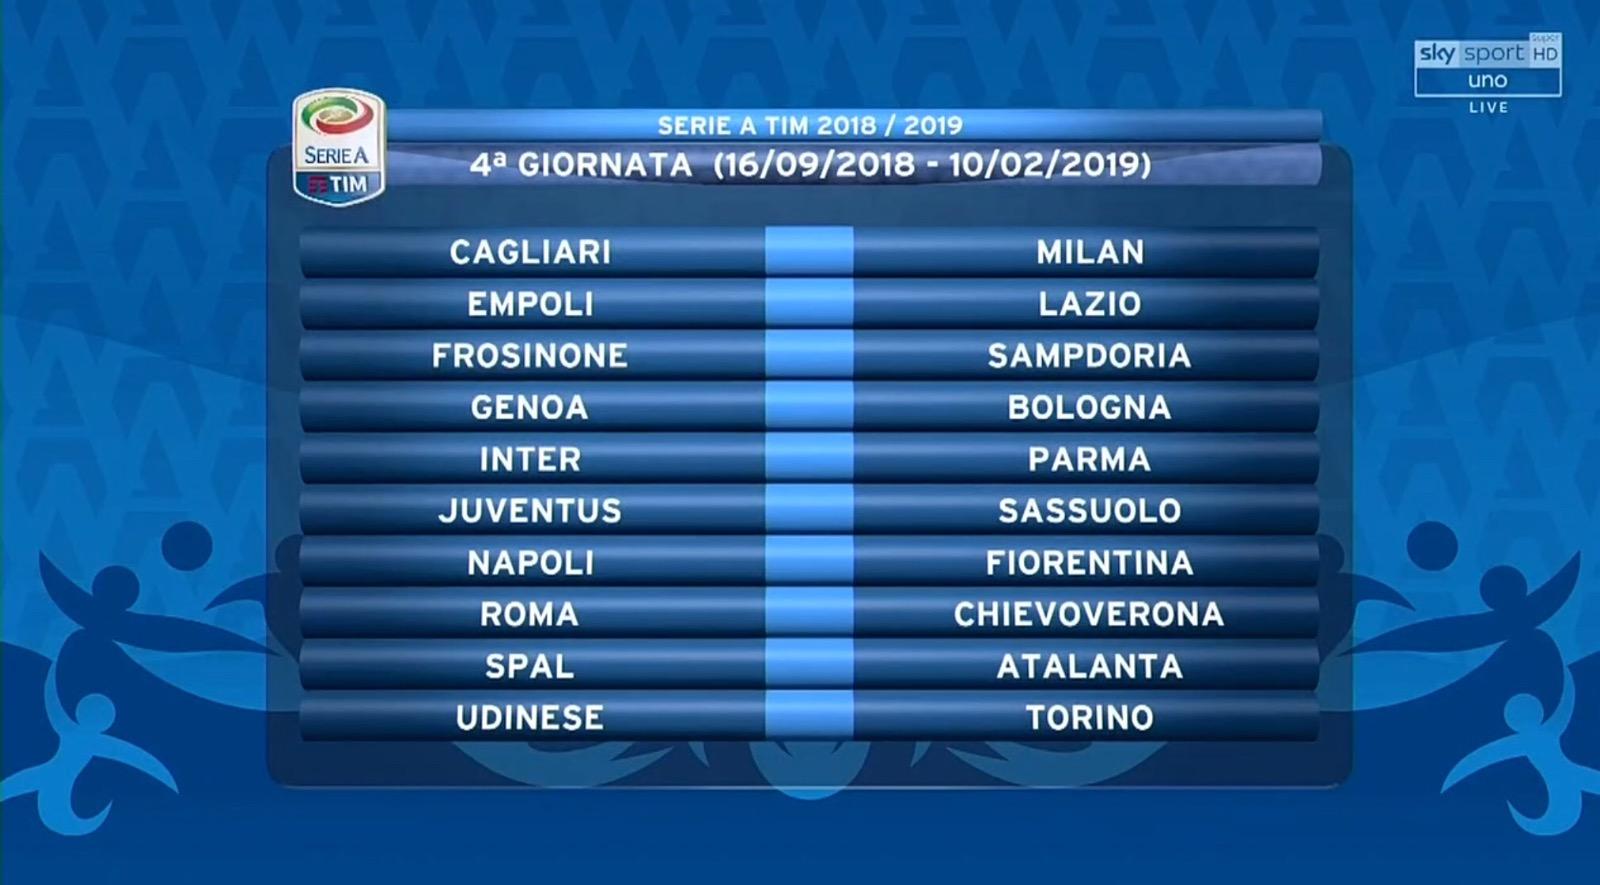 Calendario Serie A Tim 2019.Sorteggio Calendario Serie A 2018 2019 Lazio Napoli All